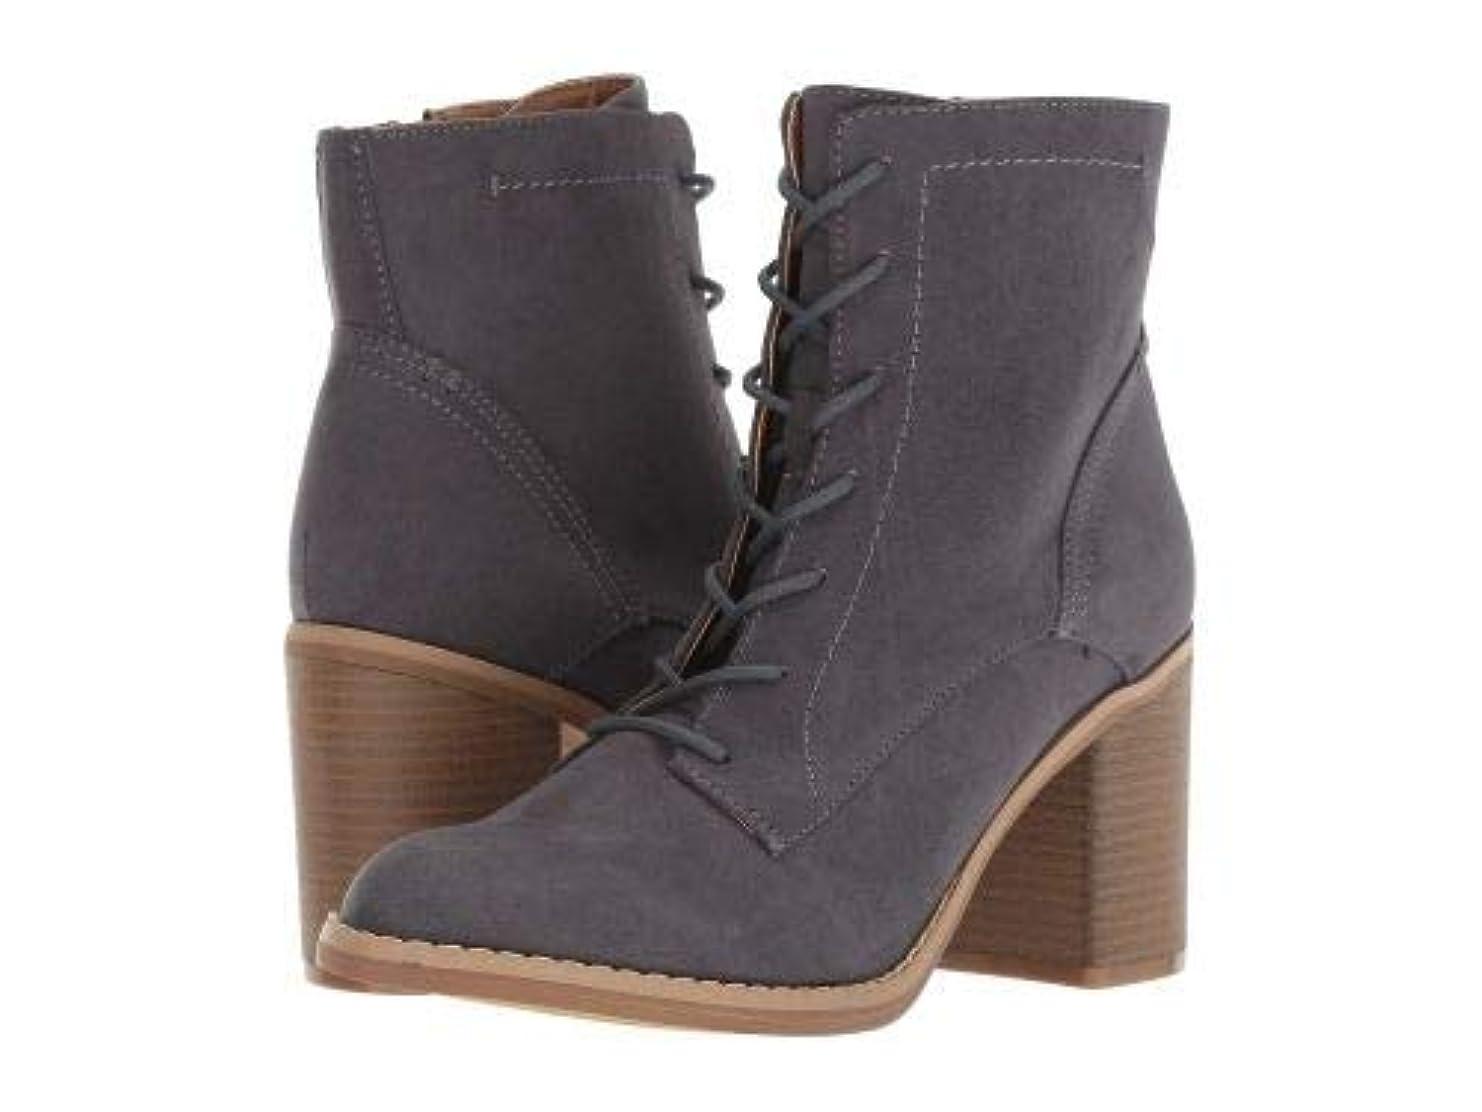 関連付ける変化伝導Indigo Rd.(インディゴRd) レディース 女性用 シューズ 靴 ブーツ レースアップブーツ Fabre - Dark Grey [並行輸入品]